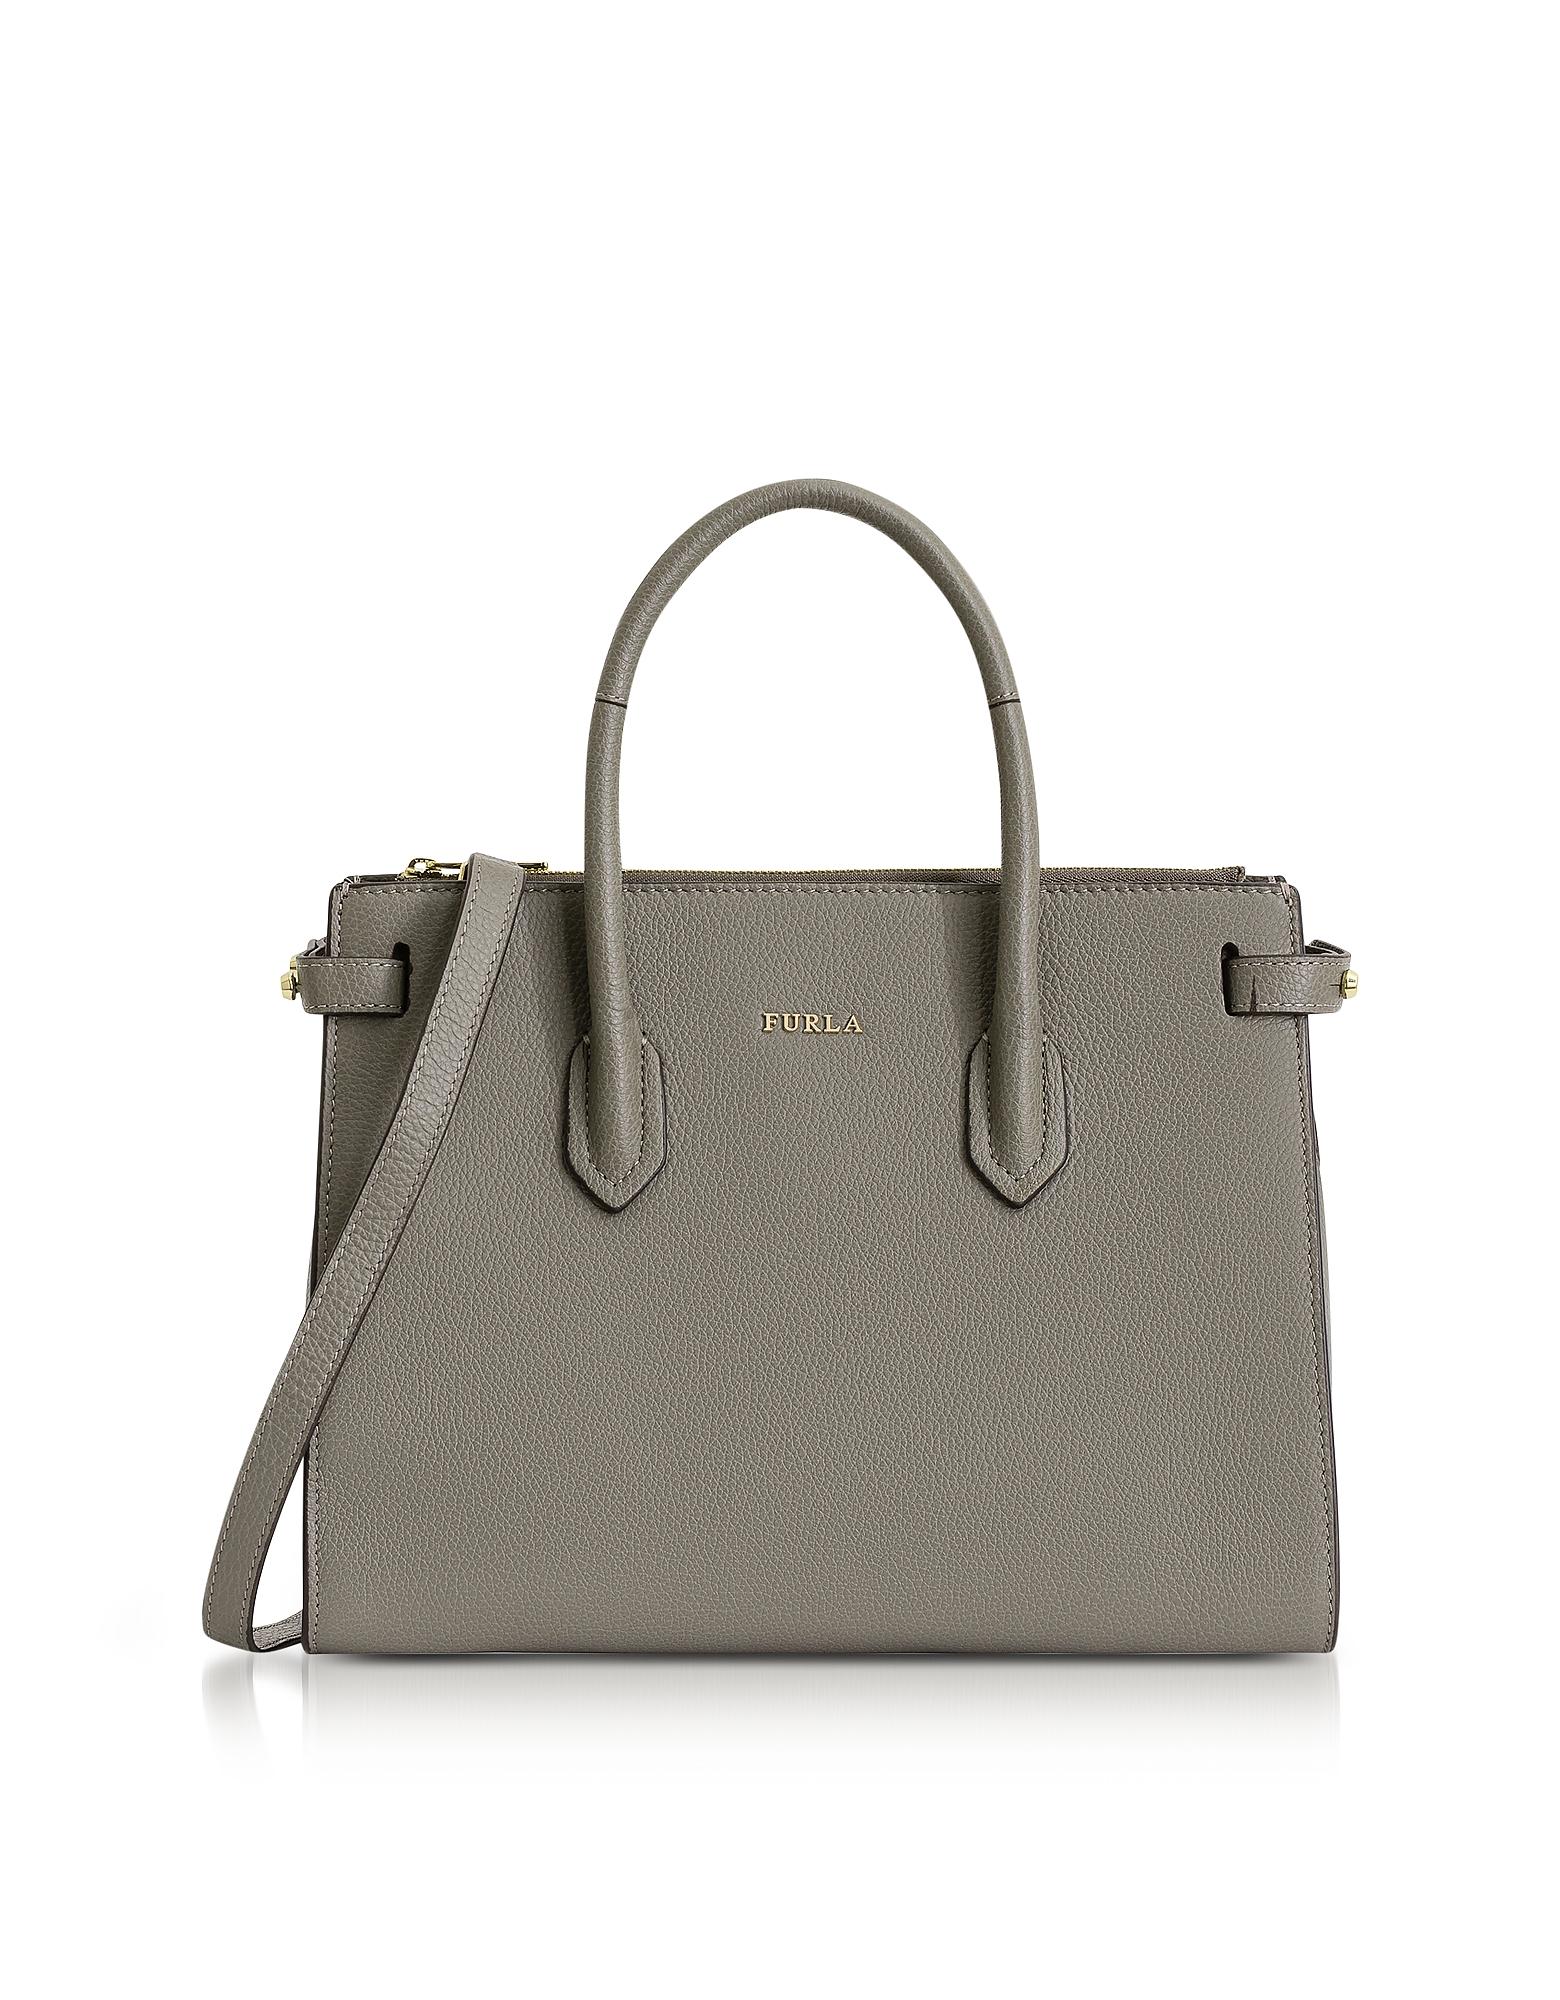 Furla Handbags, Argilla Leather Pin Small E/W Tote Bag